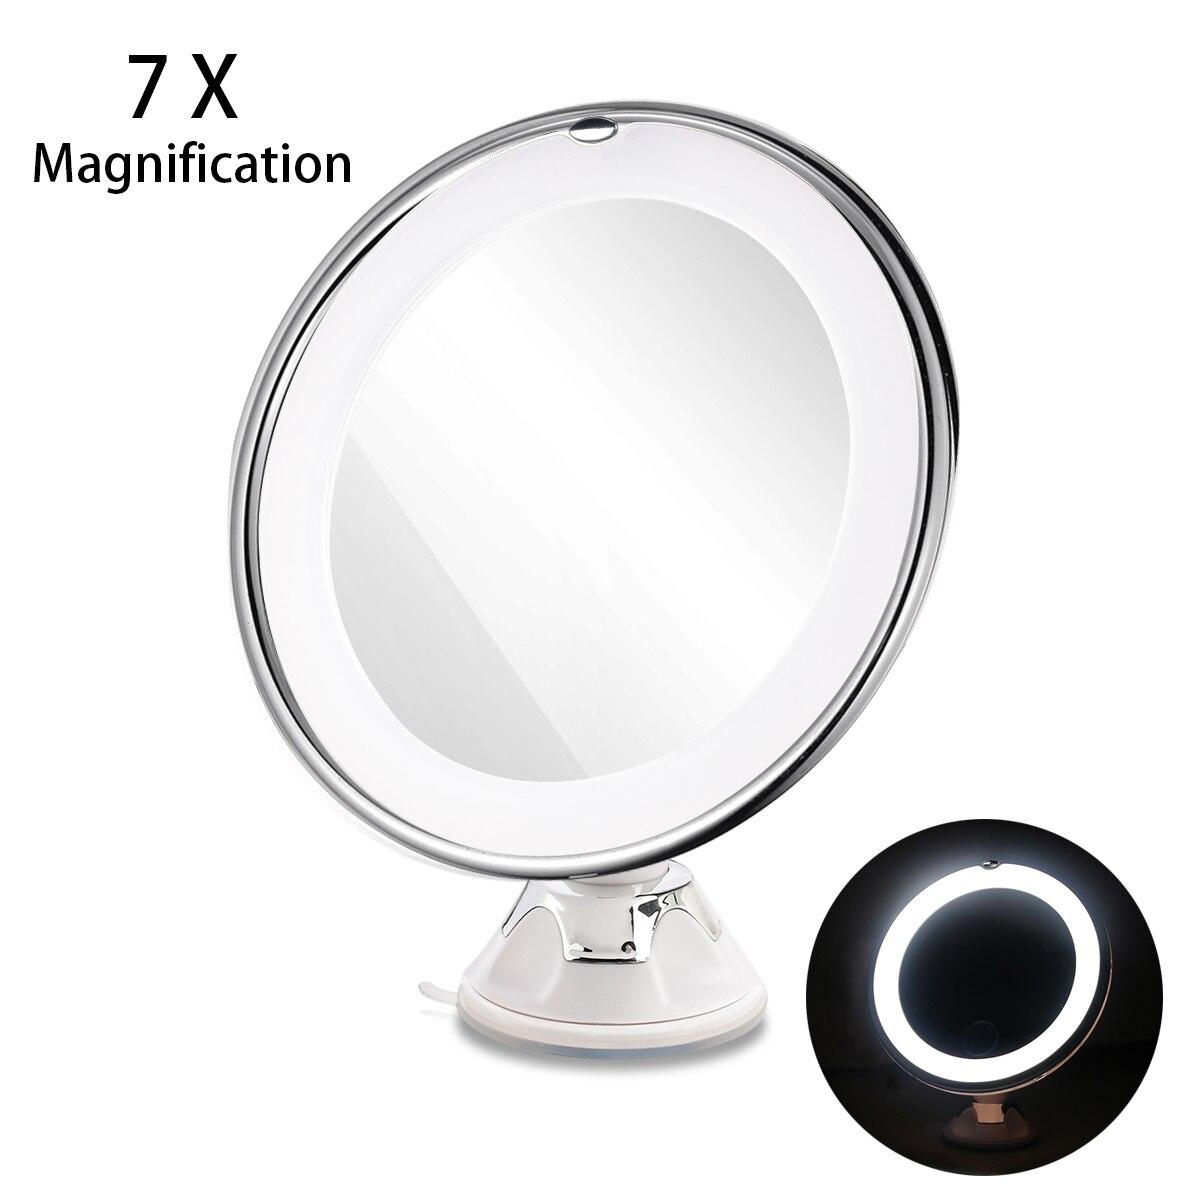 RUIMIO 7X Loupe Miroirs Cosmétique Maquillage Miroir Avec Puissance De Verrouillage Ventouse Lumineux Diffus Lumière 360 Degrés de Rotation